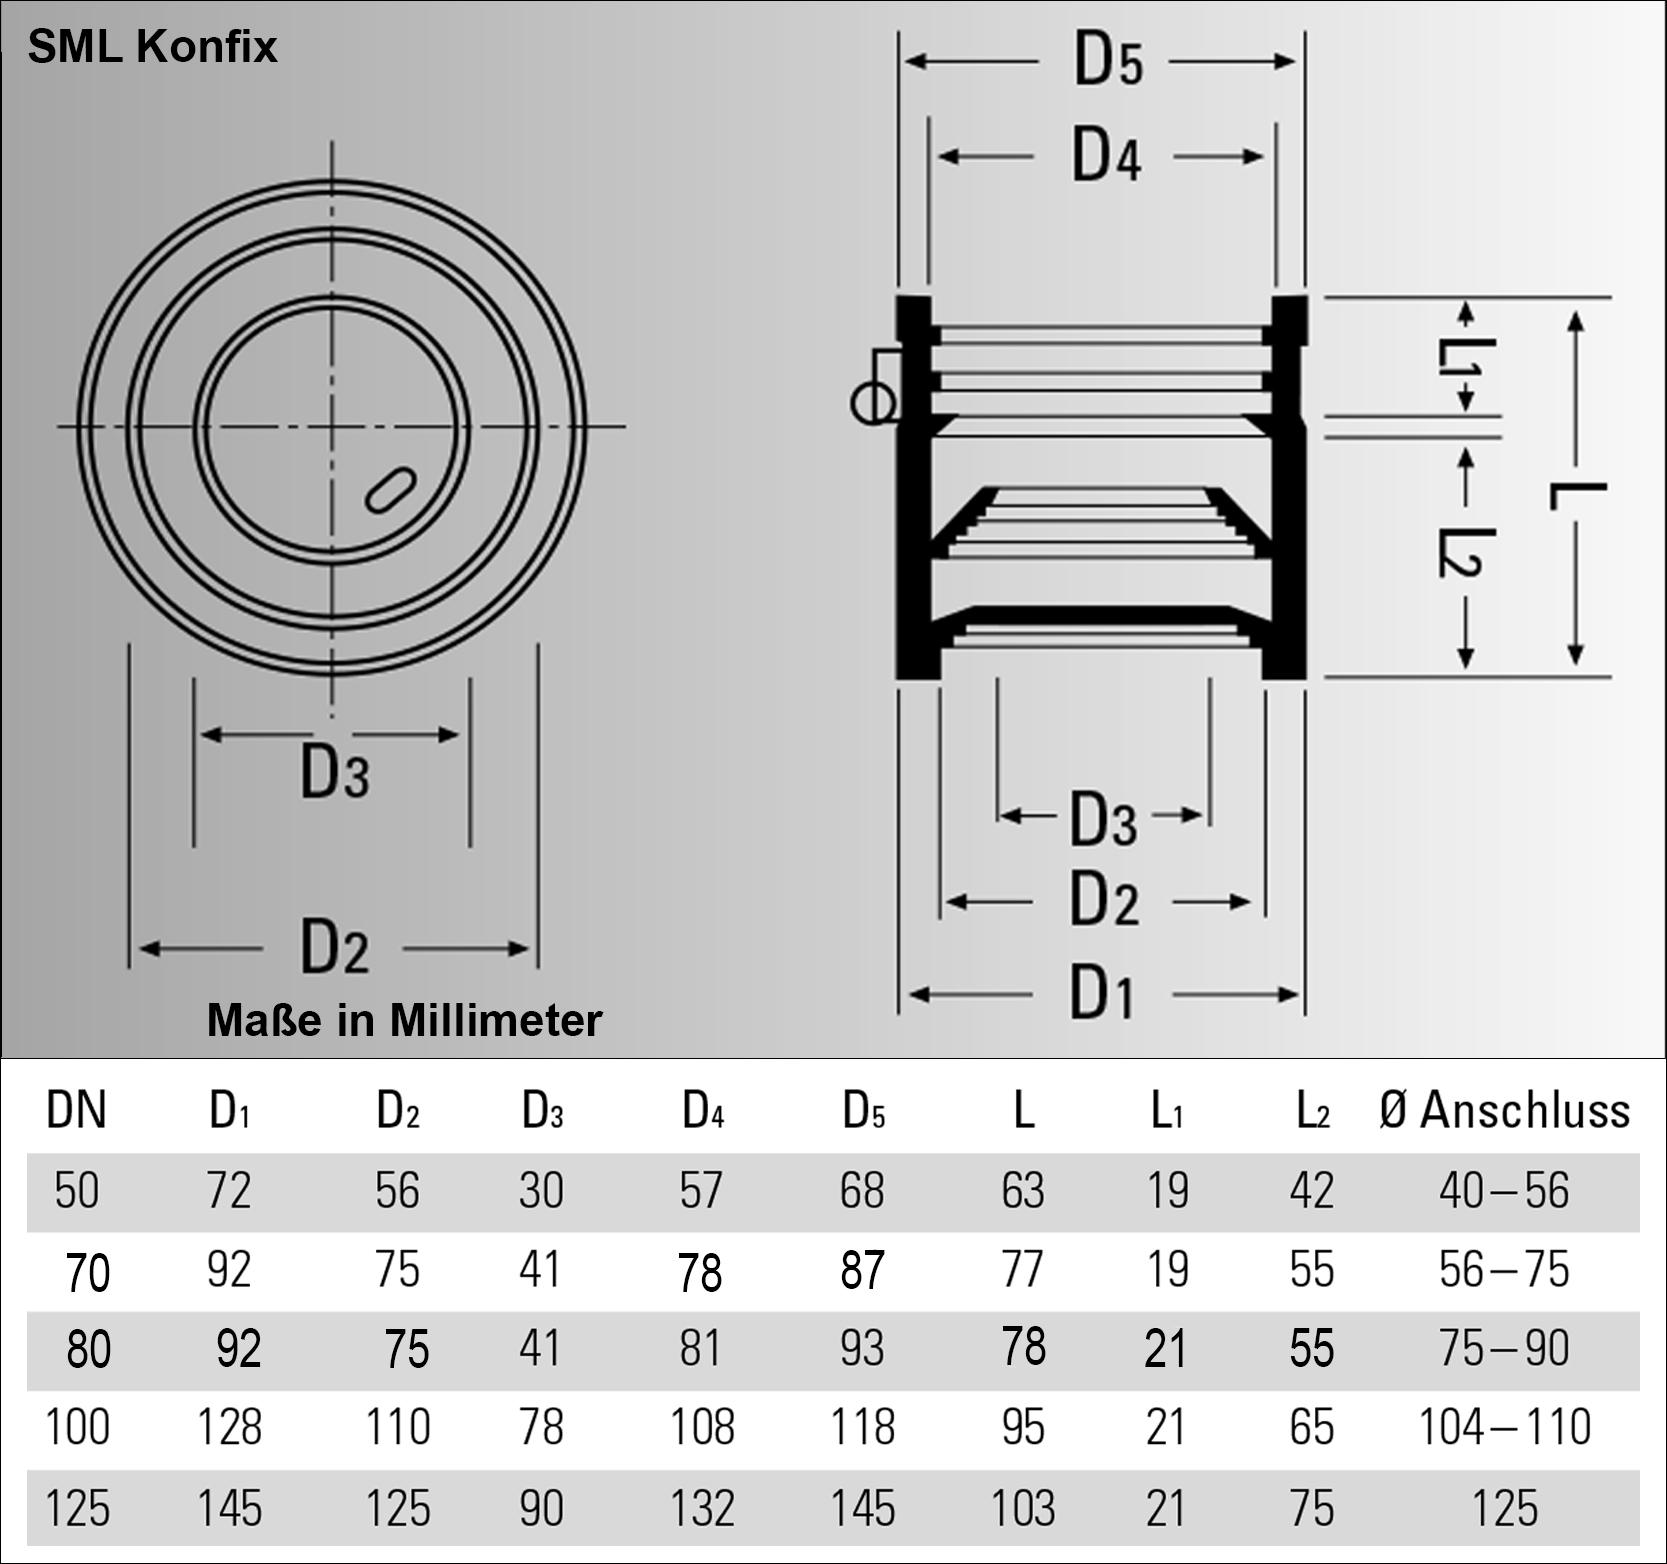 sml konfix gummi bergang verbinder muffe abfluss guss. Black Bedroom Furniture Sets. Home Design Ideas